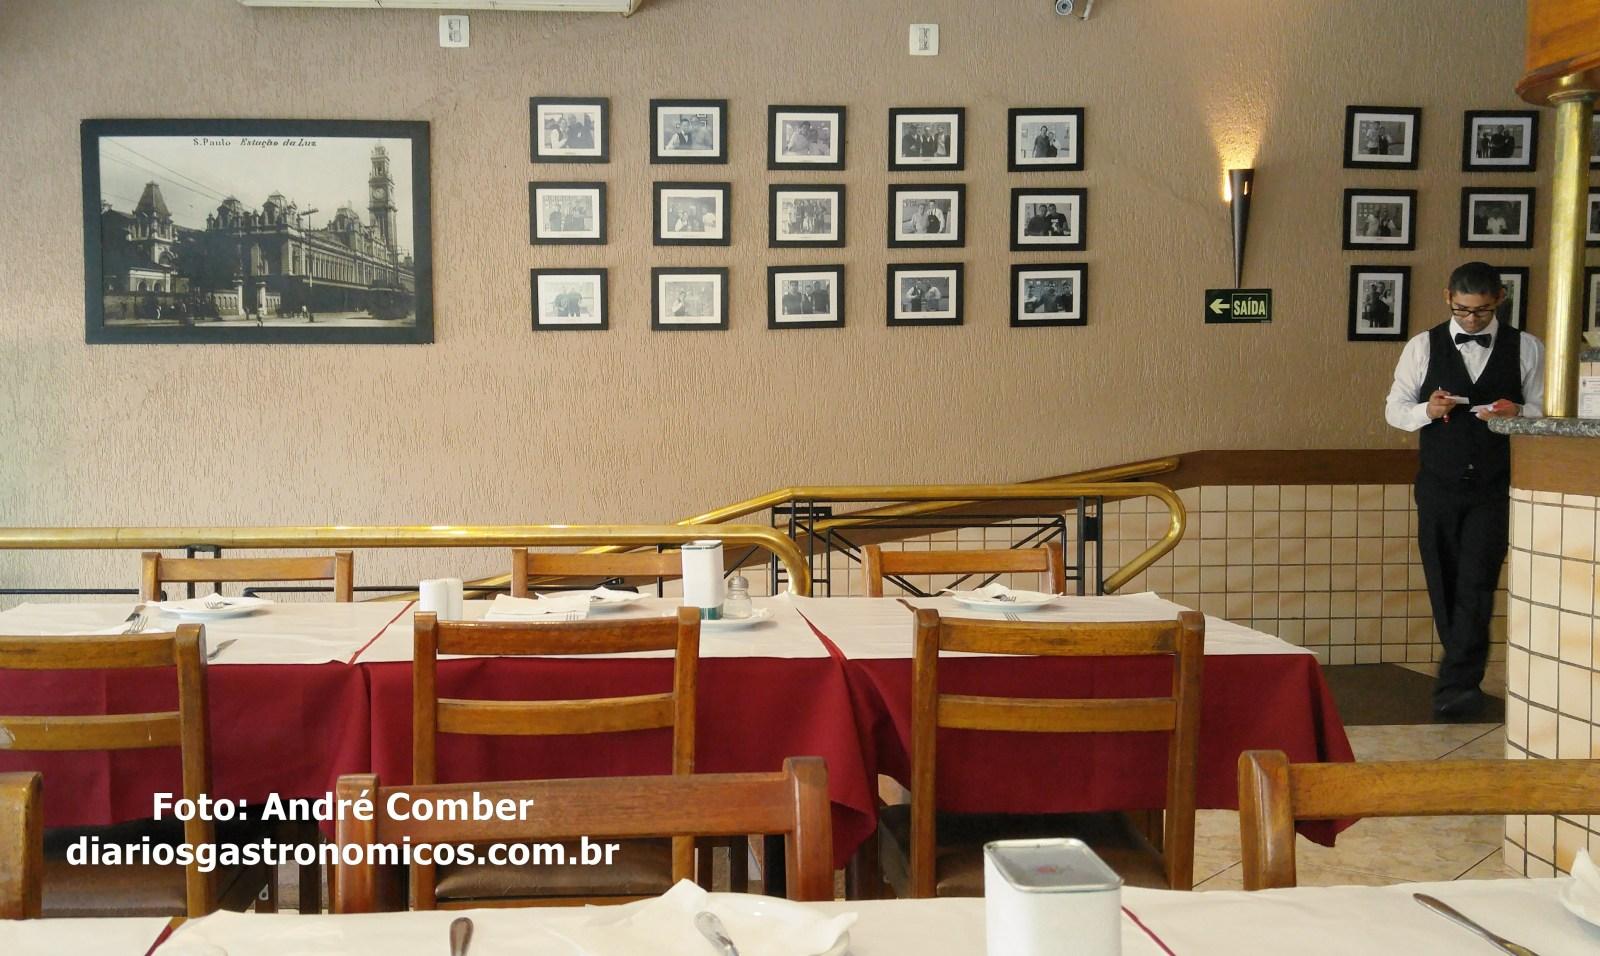 Degas Pompeia 01